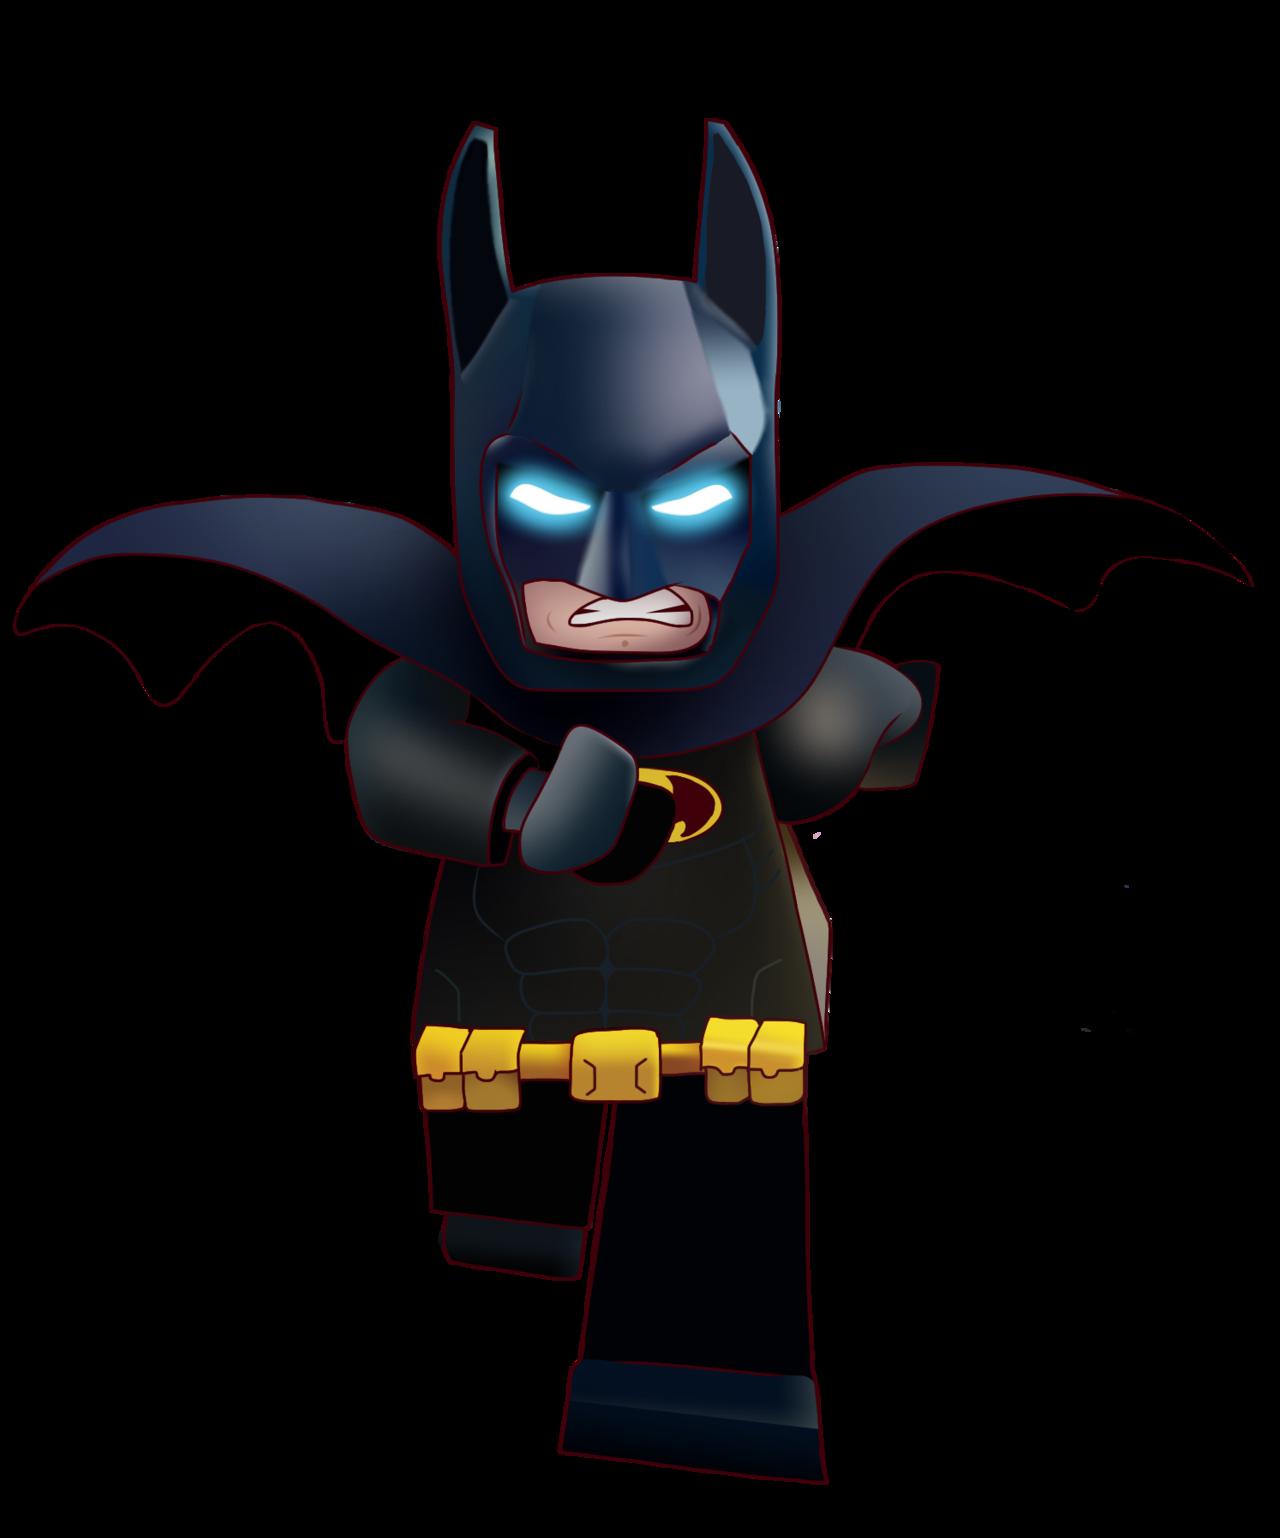 Batman Lego Png & Free Batman Lego.png Transparent Images.